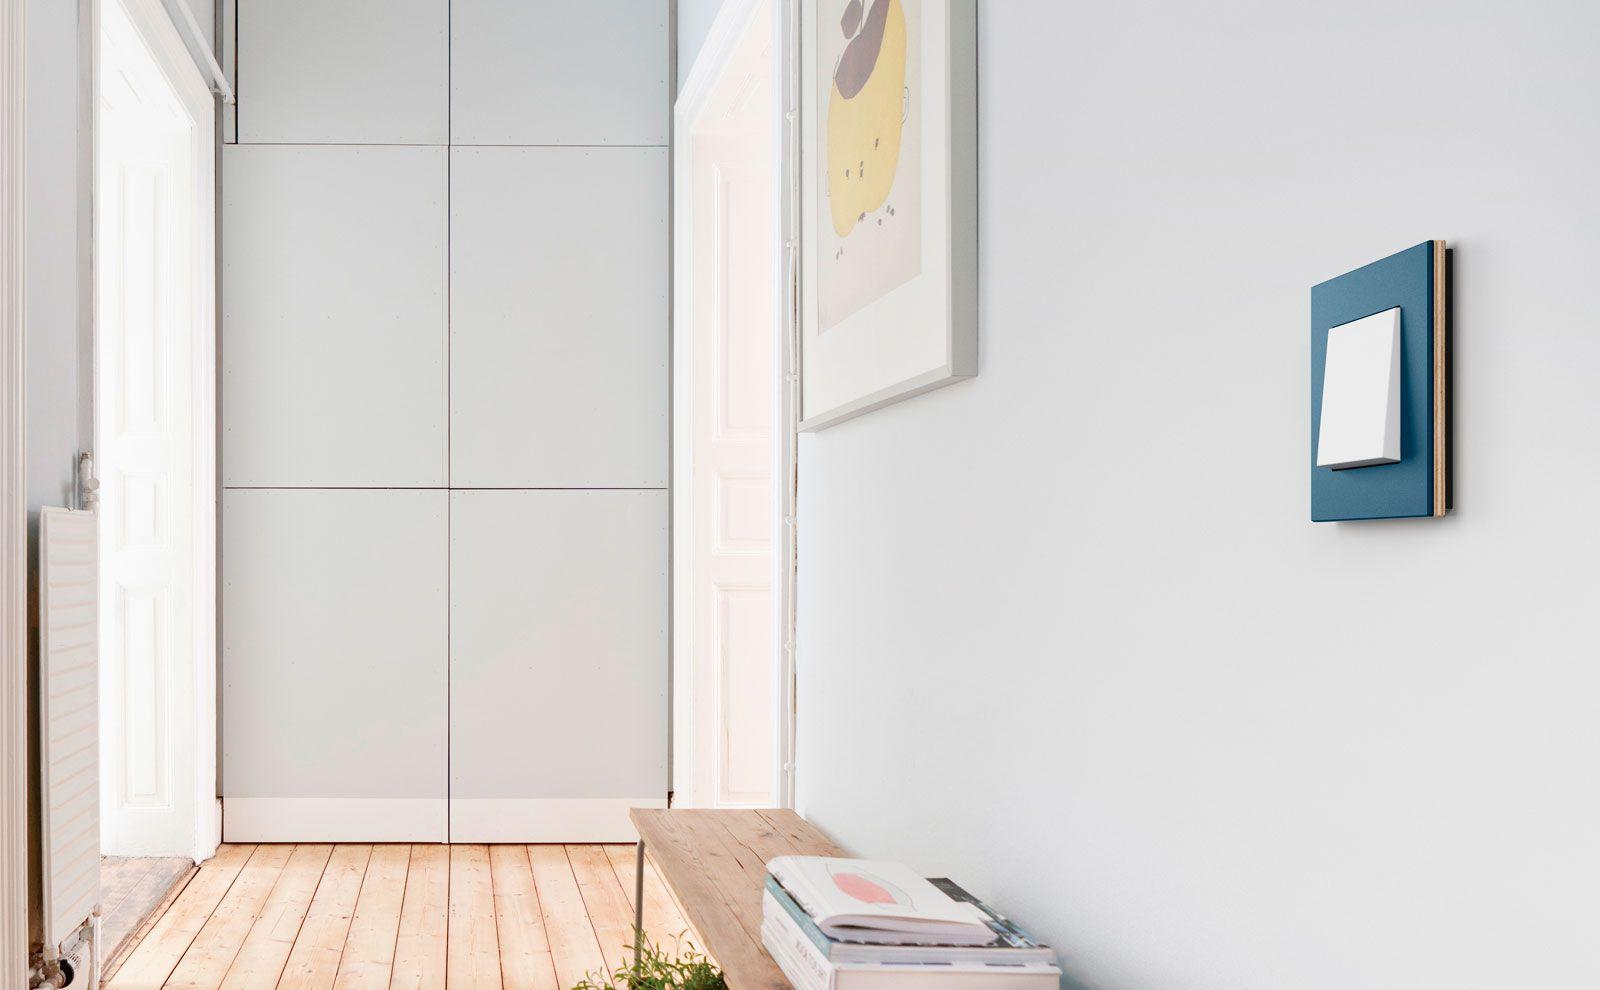 Gira Esprit Linoleum-Multiplex an der Wand